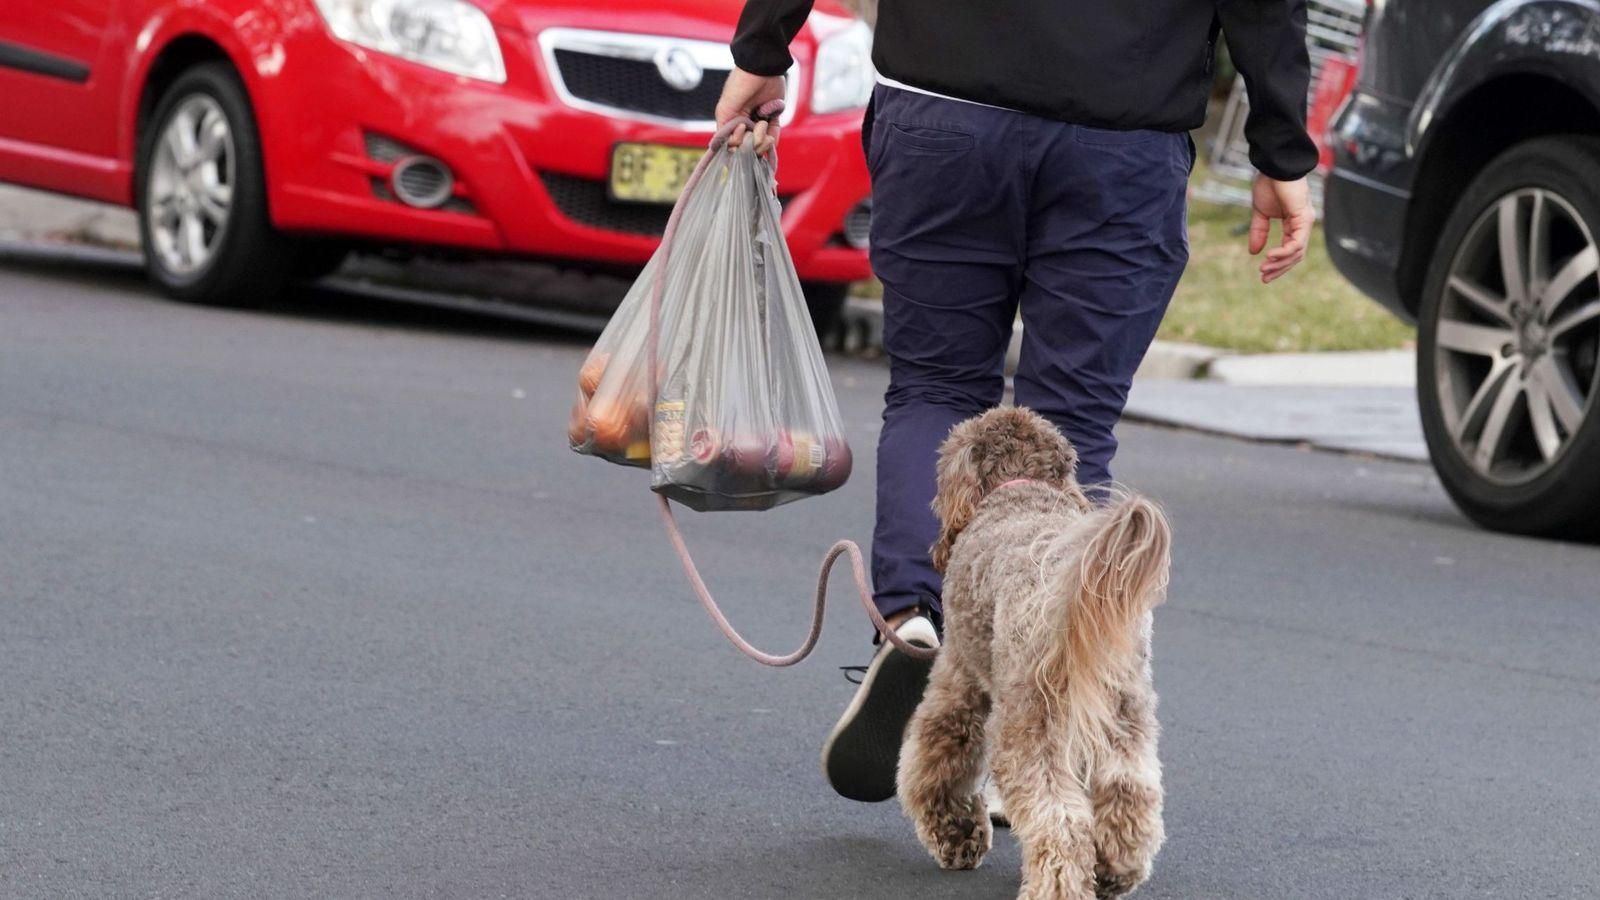 Foto: Un cliente australiano sale de un establecimiento con una bolsa de plástico. (EFE)